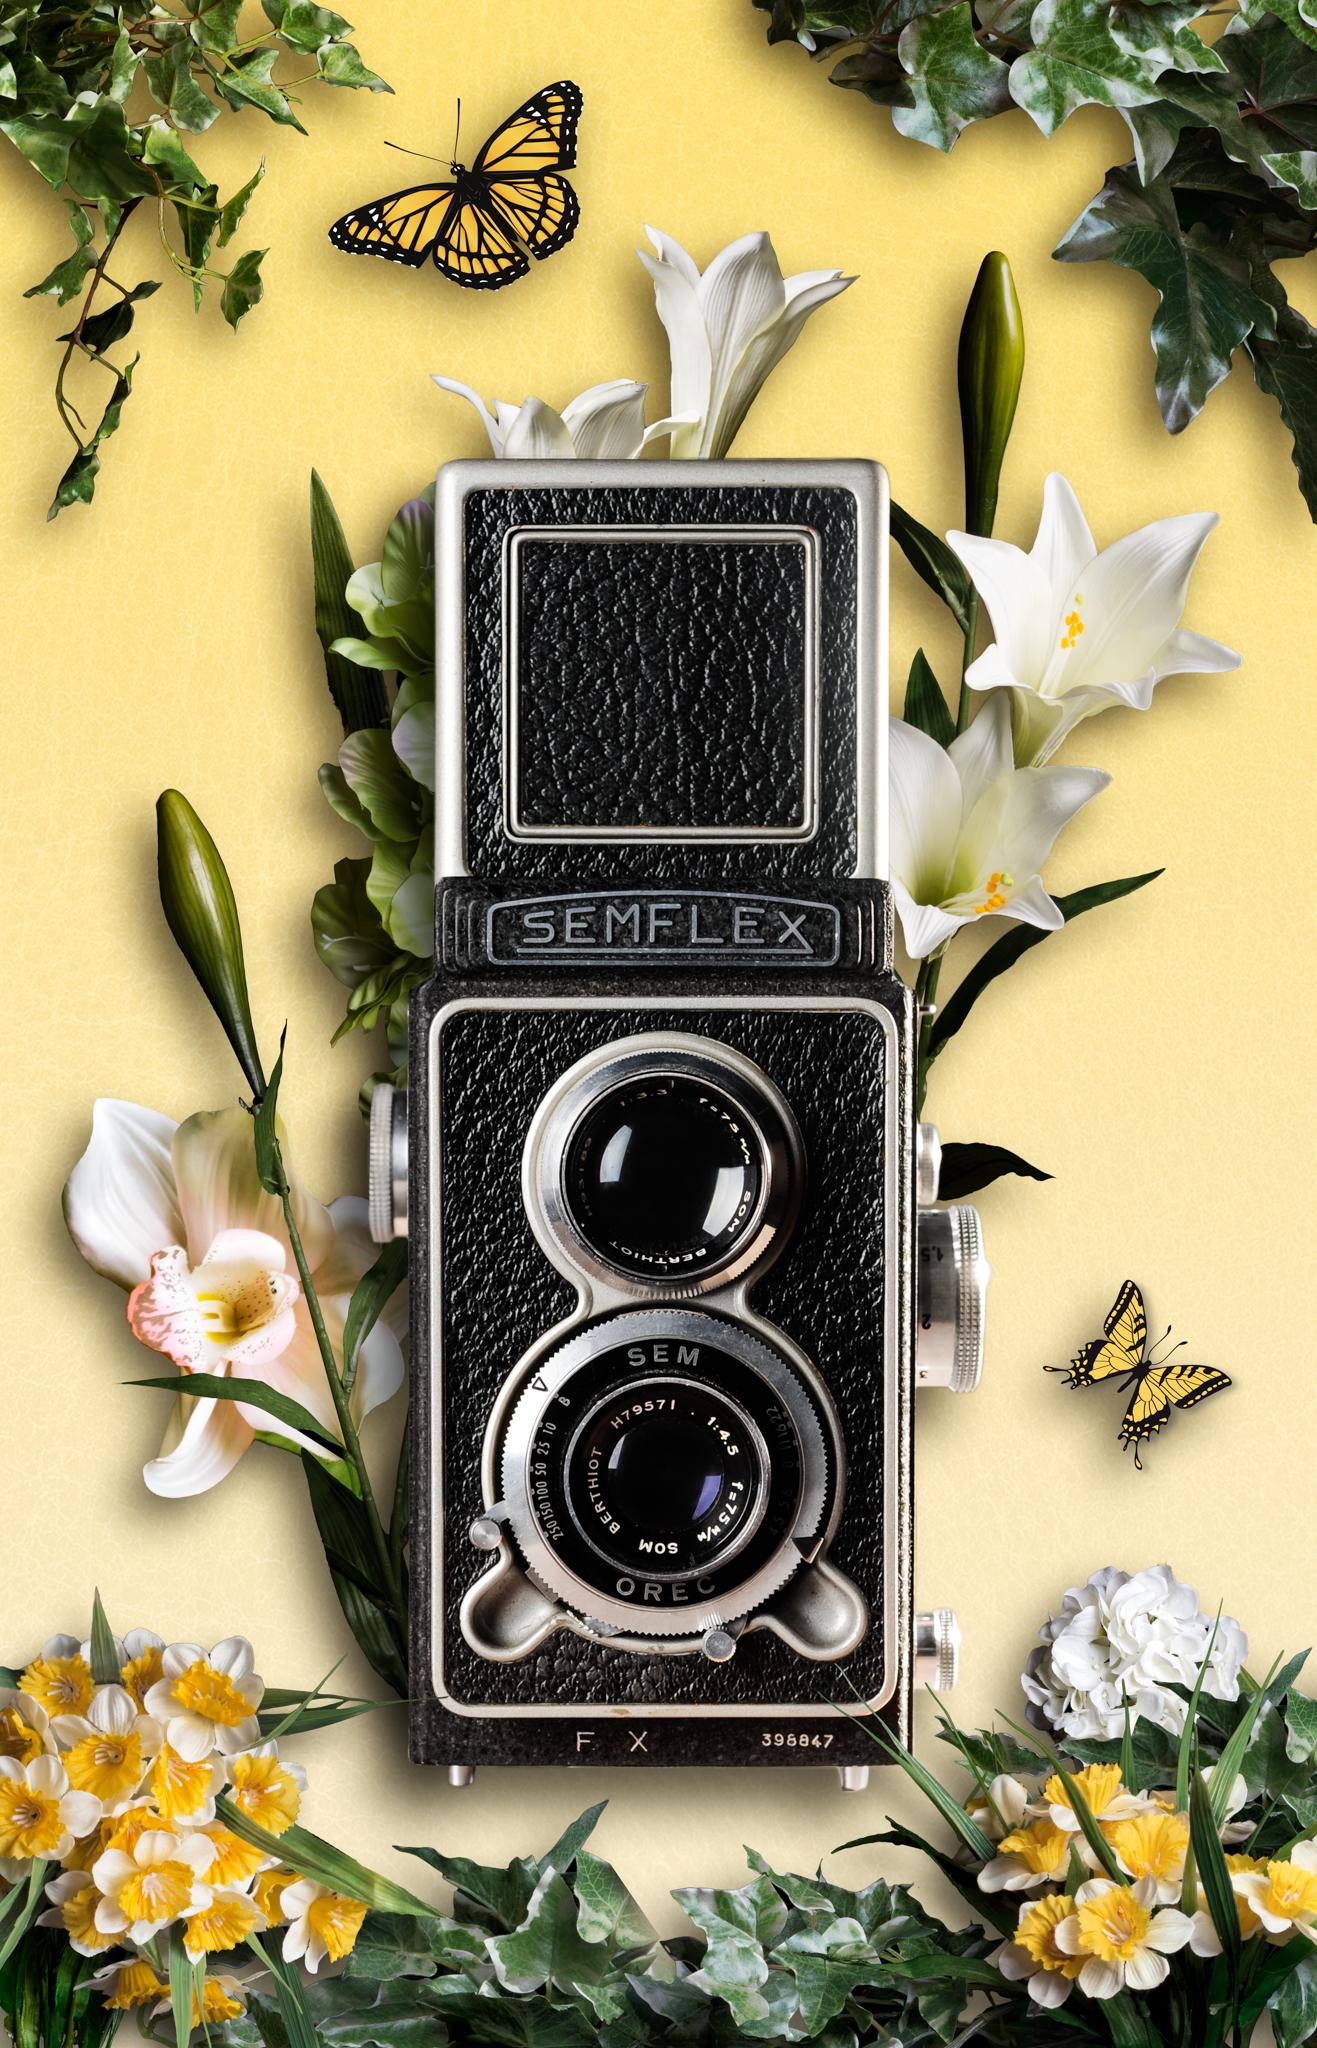 Icone bi-objectif semflex par Lauréline Reynaud